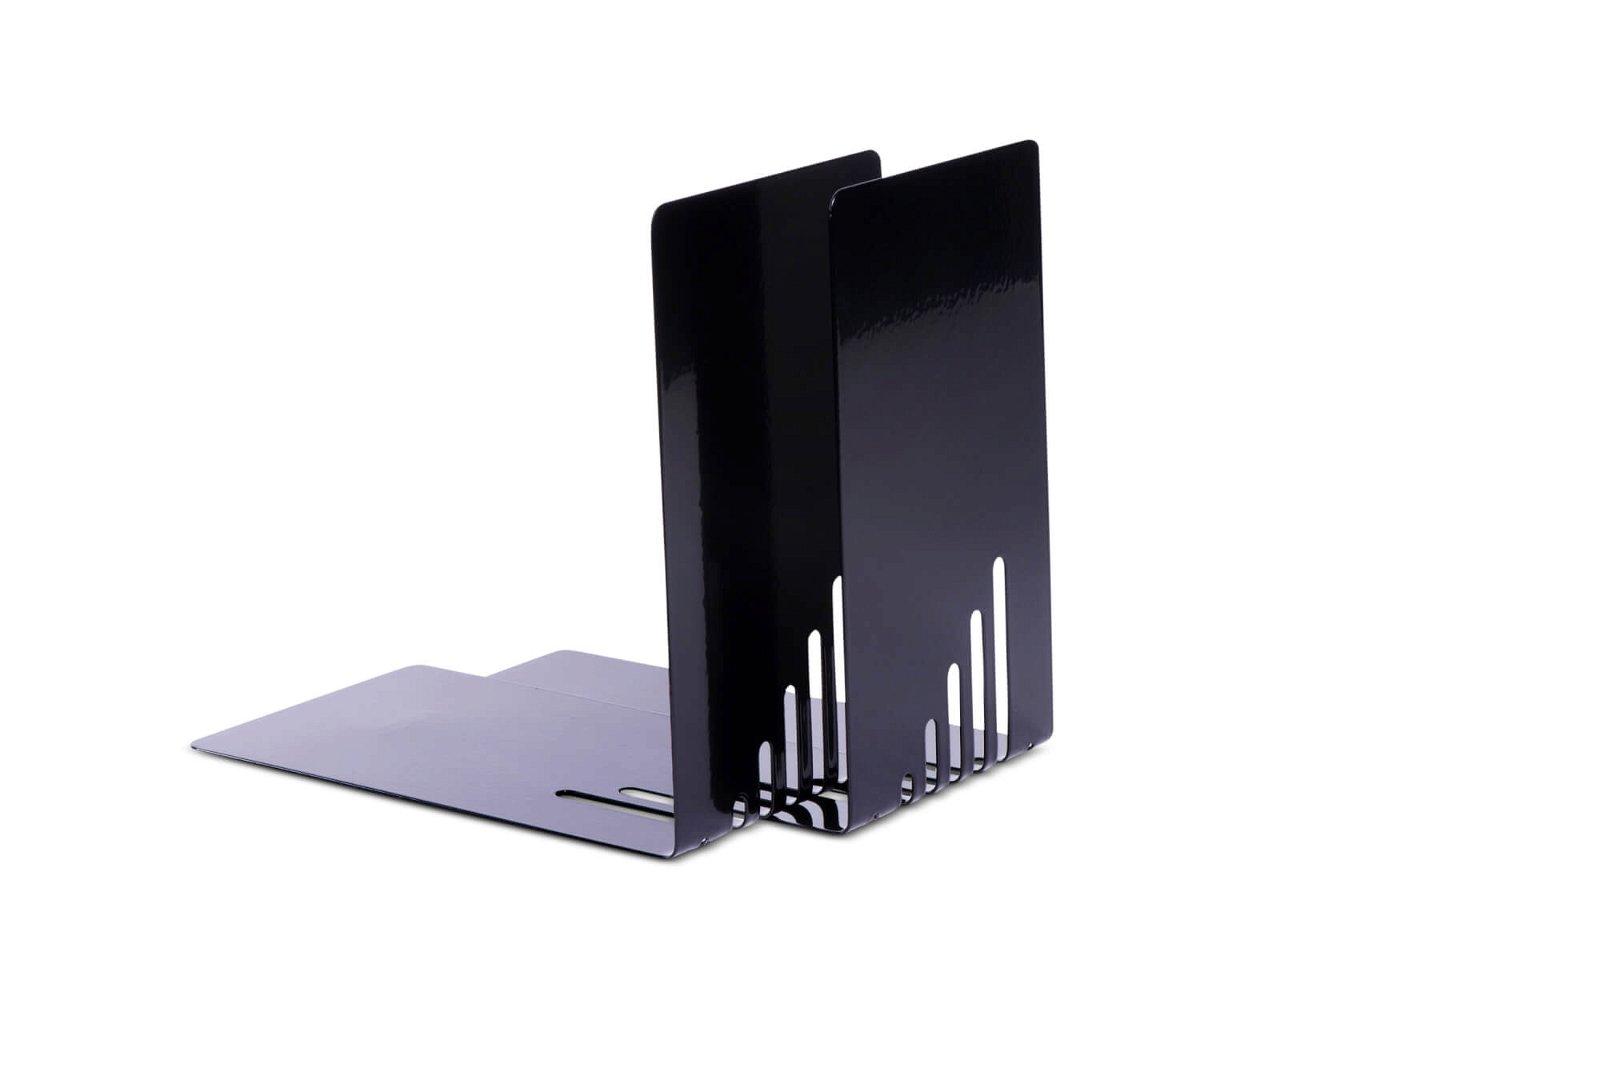 Buchstützen aus Metall, schmal, 14 x 8,5 x 14 cm, schwarz